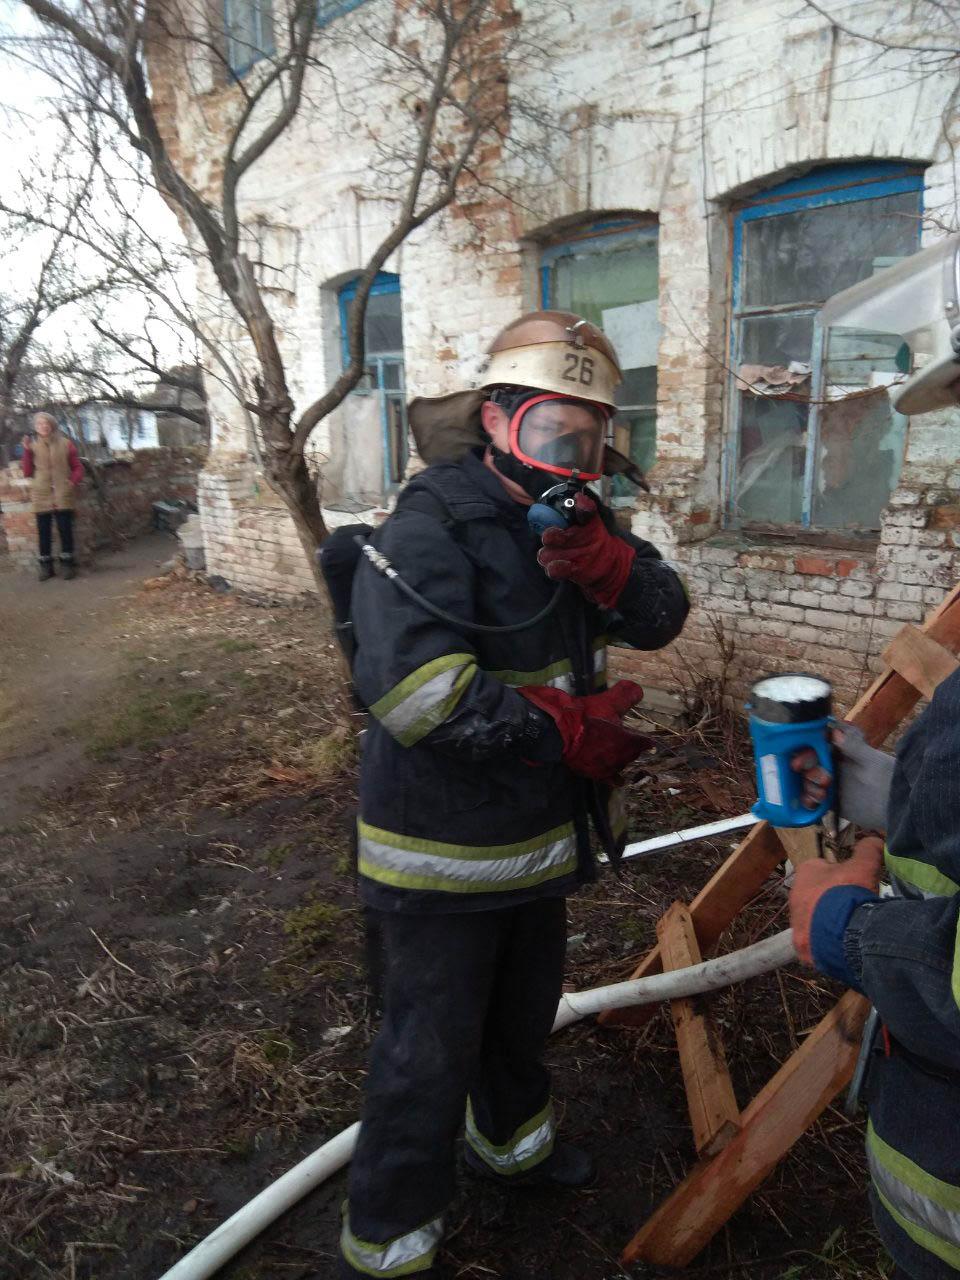 У Згурівському районі горів будинок - пожежа, Згурівка - viber image 2019 03 12  18.30.26